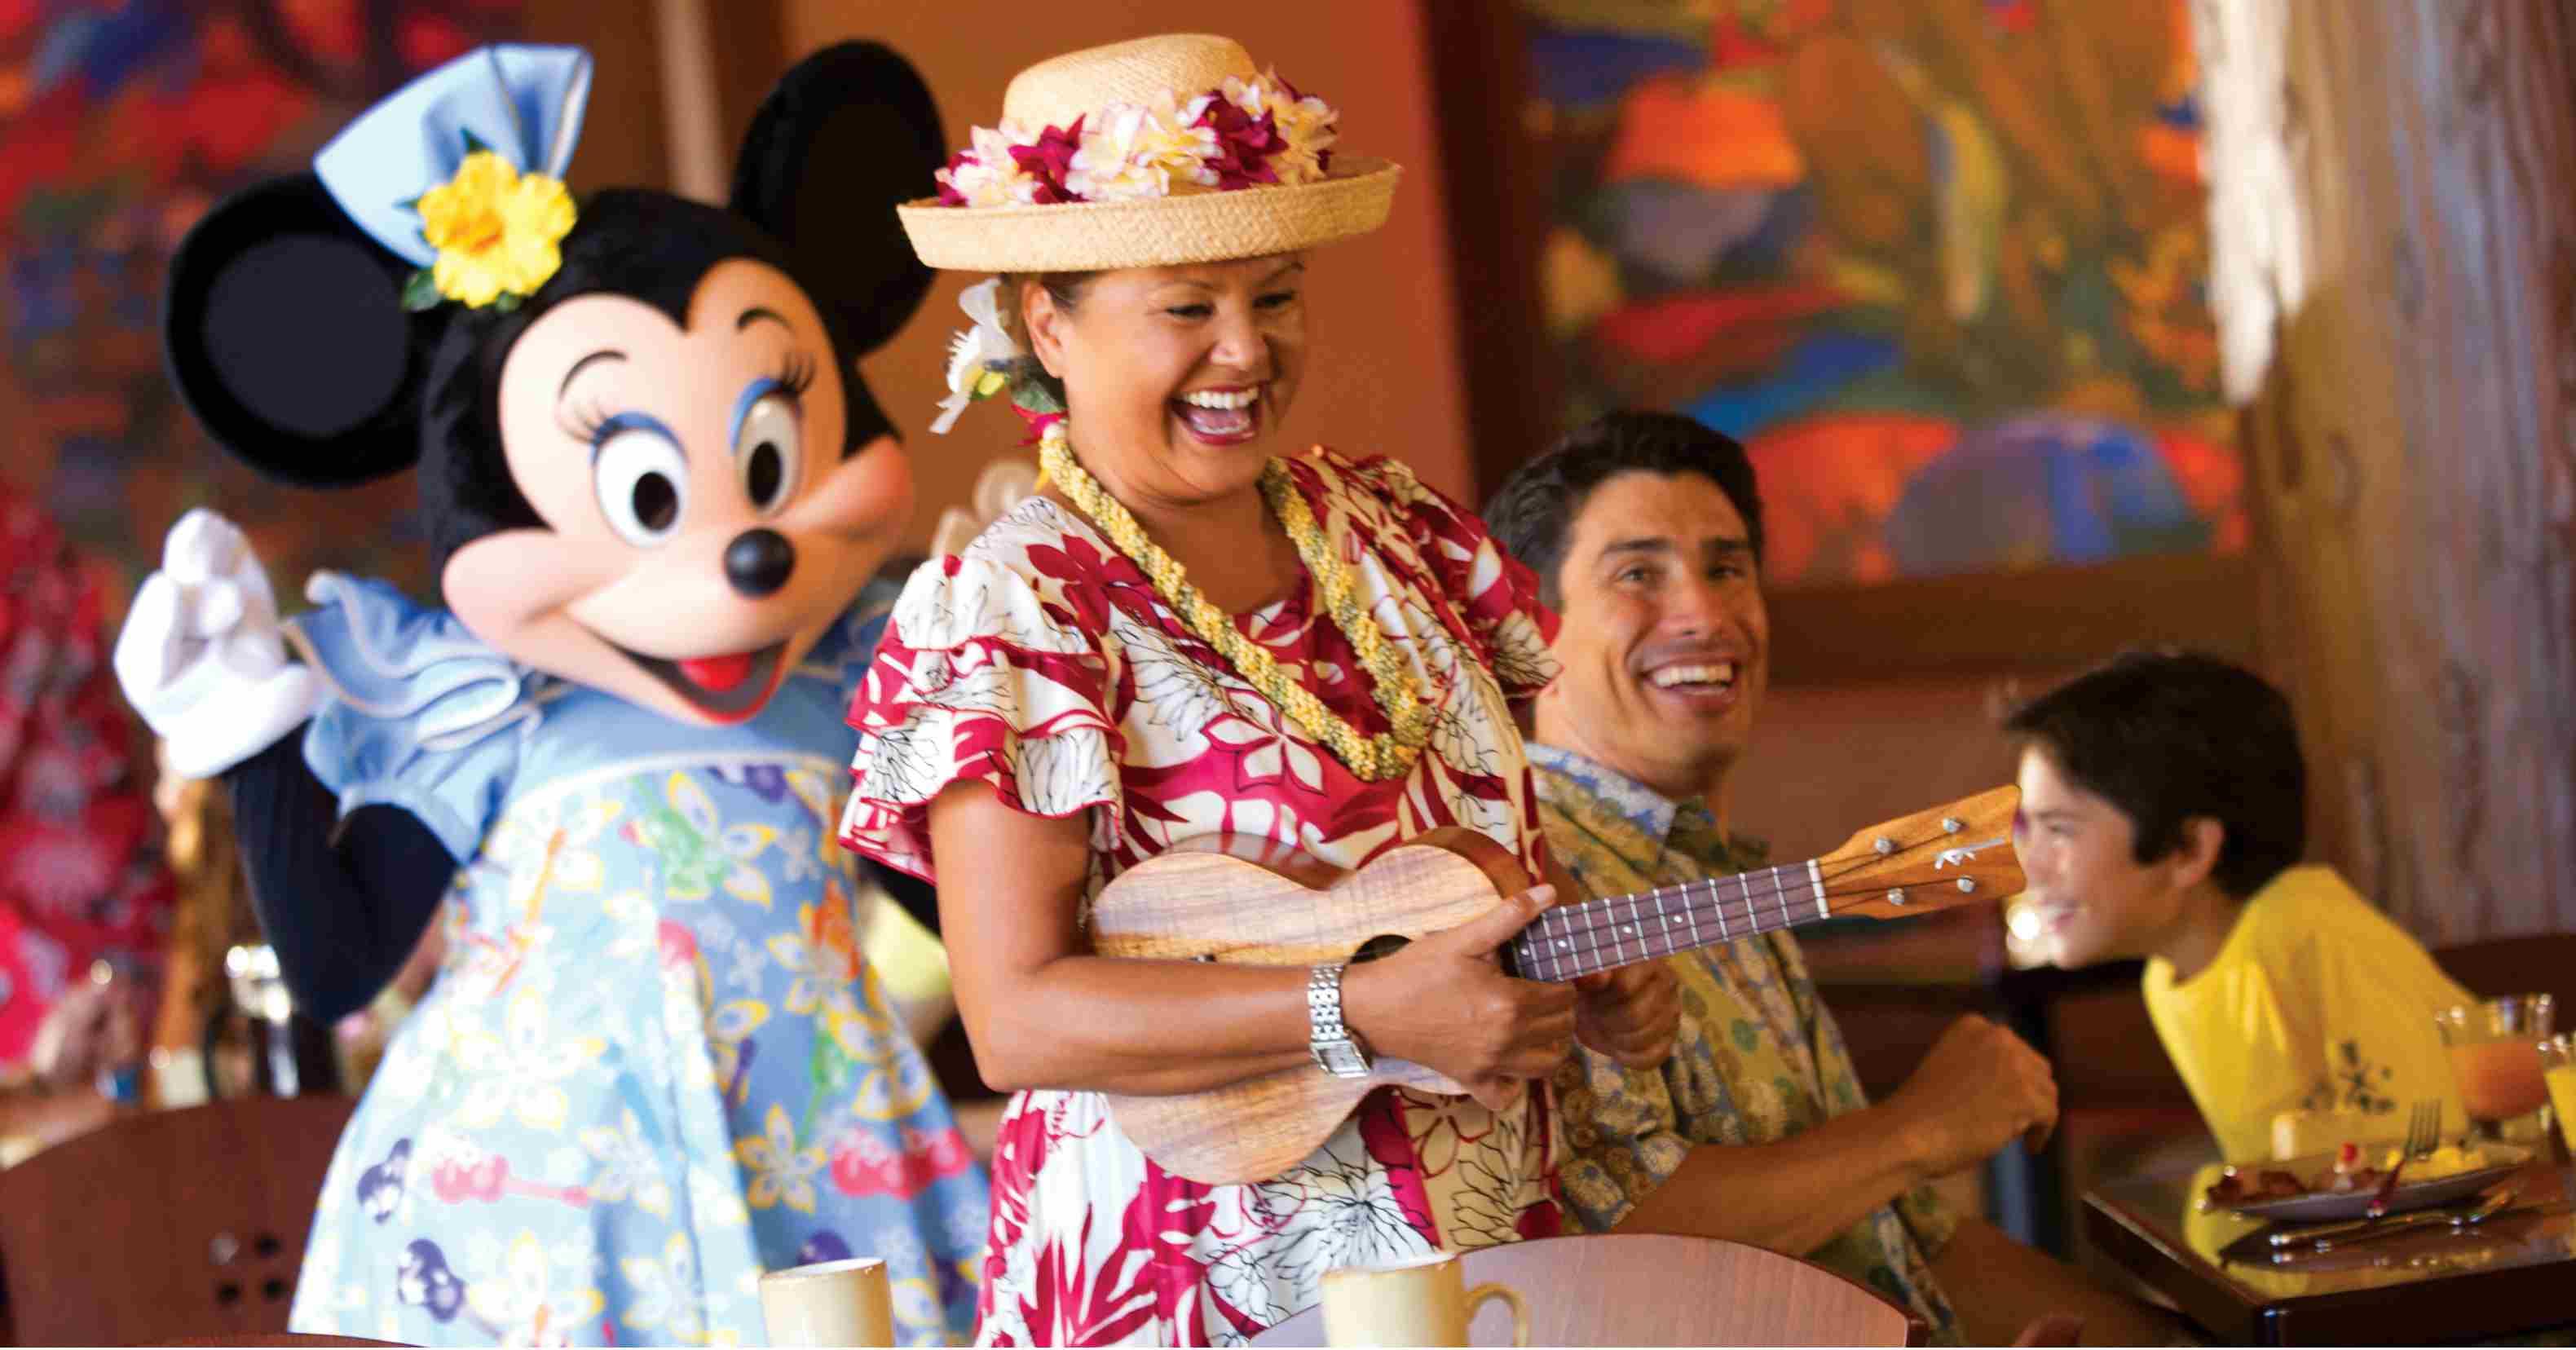 Aunty y Minnie Mouse entretienen a los invitados durante la celebración del desayuno de Aunty en el Makahiki